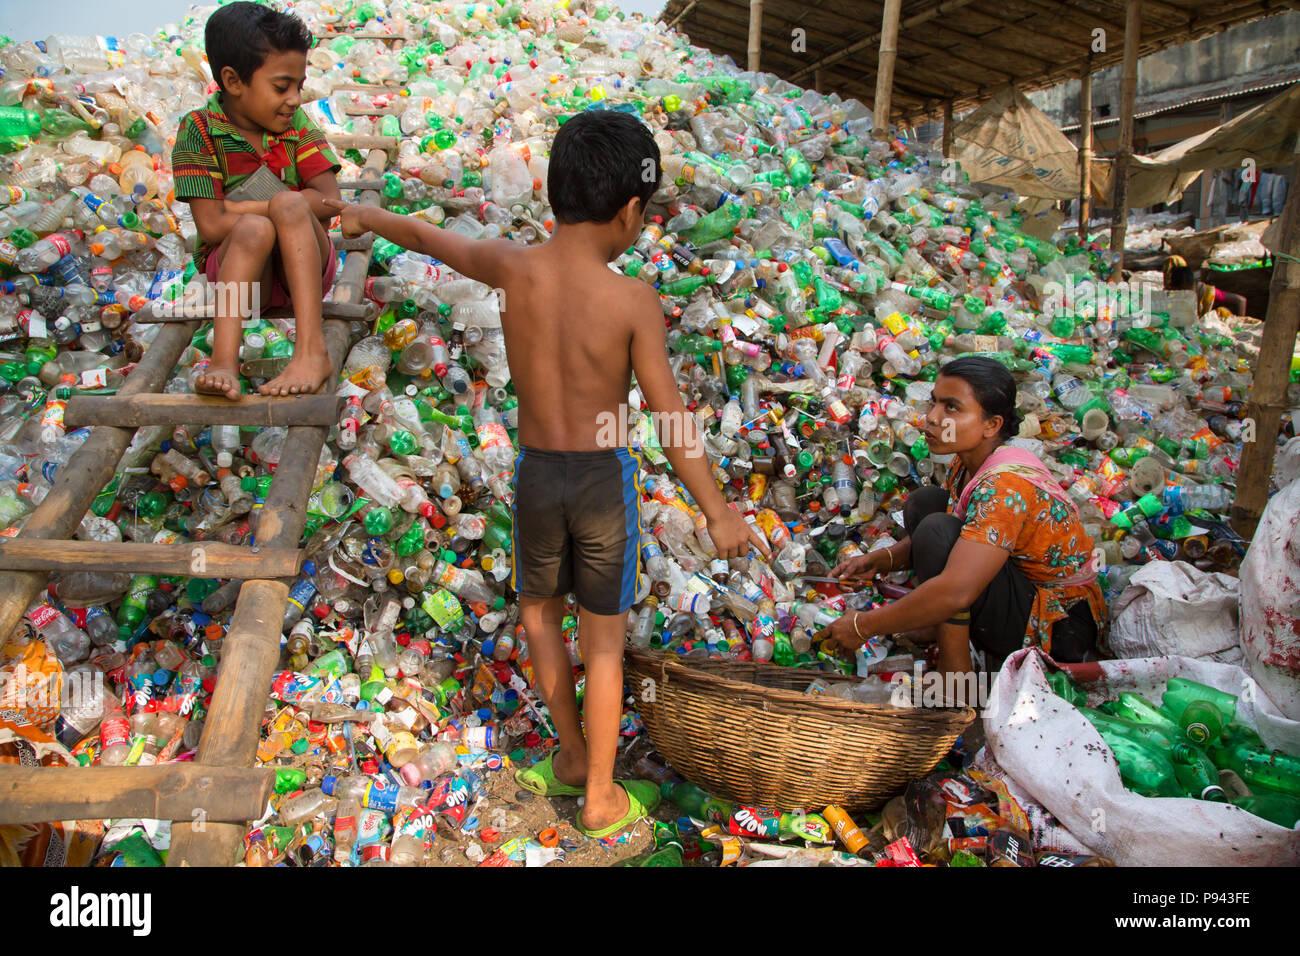 Mère travaillant dans l'usine de recyclage de plastiques dans Hazaribagh, Dhaka, Bangladesh Photo Stock